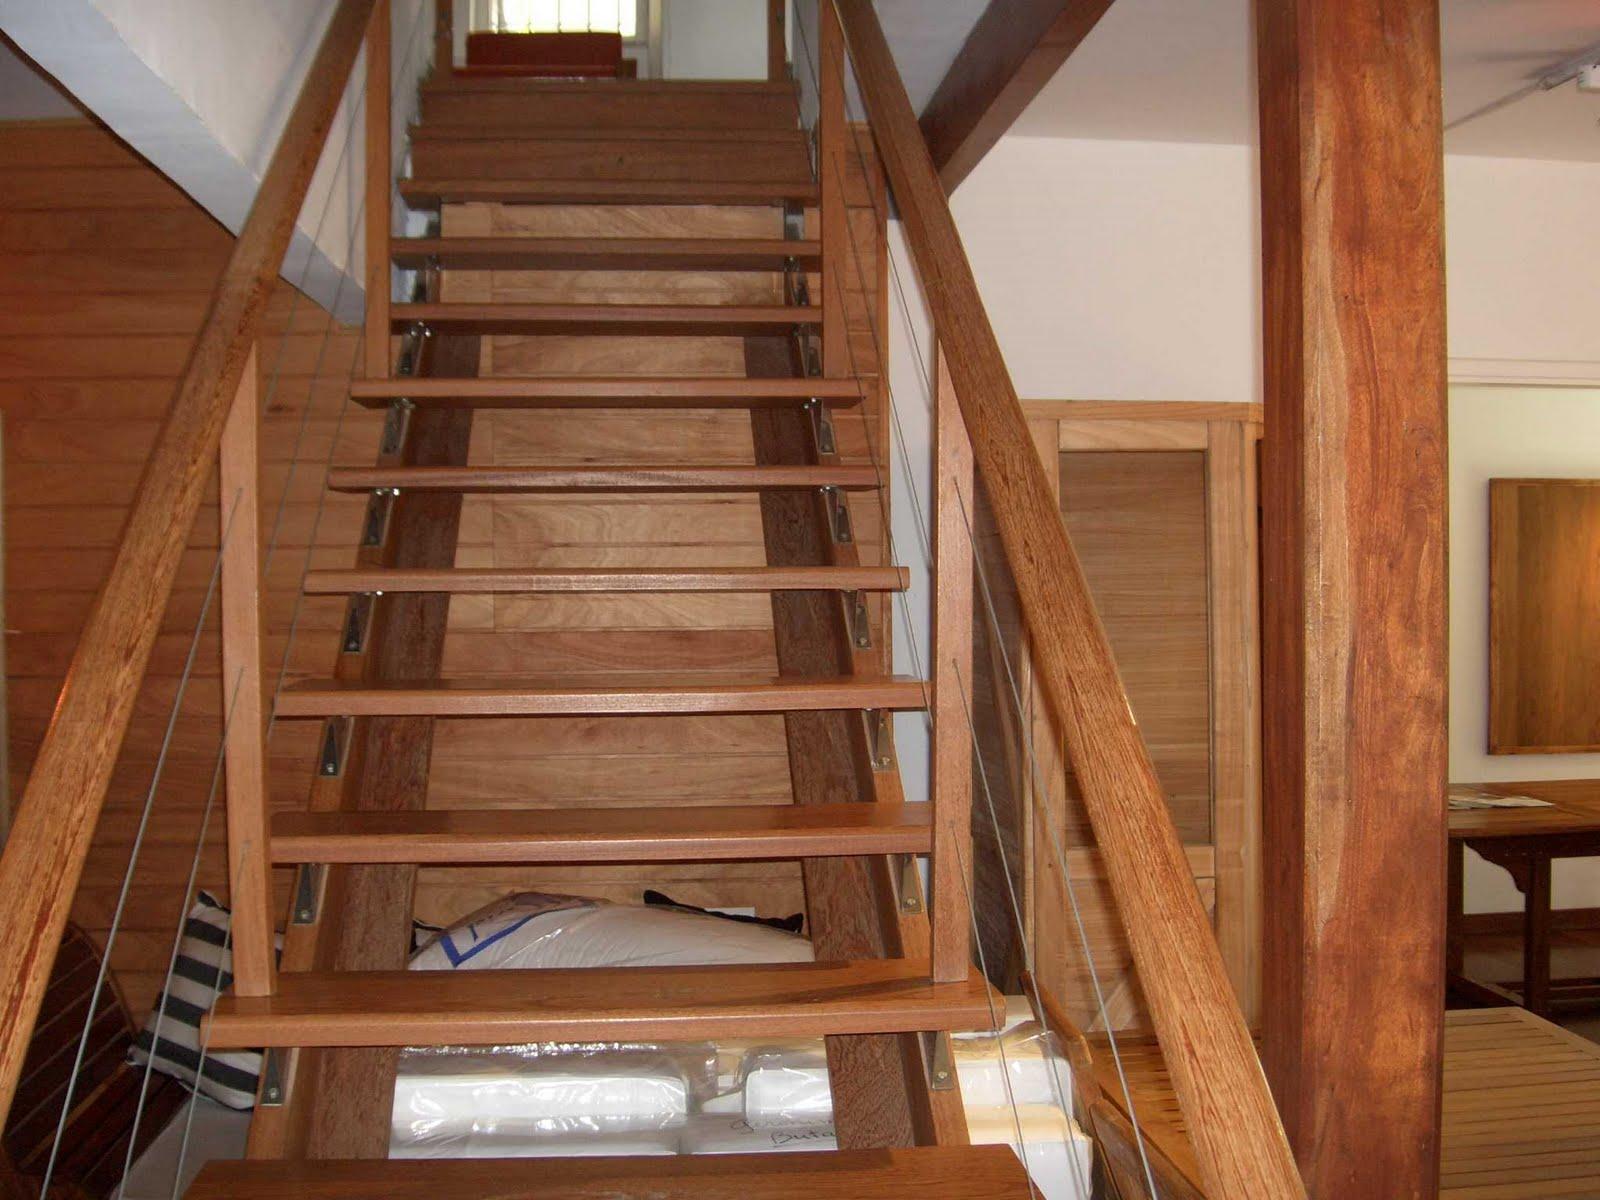 Escaleras interiores - Escaleras de interior de obra ...